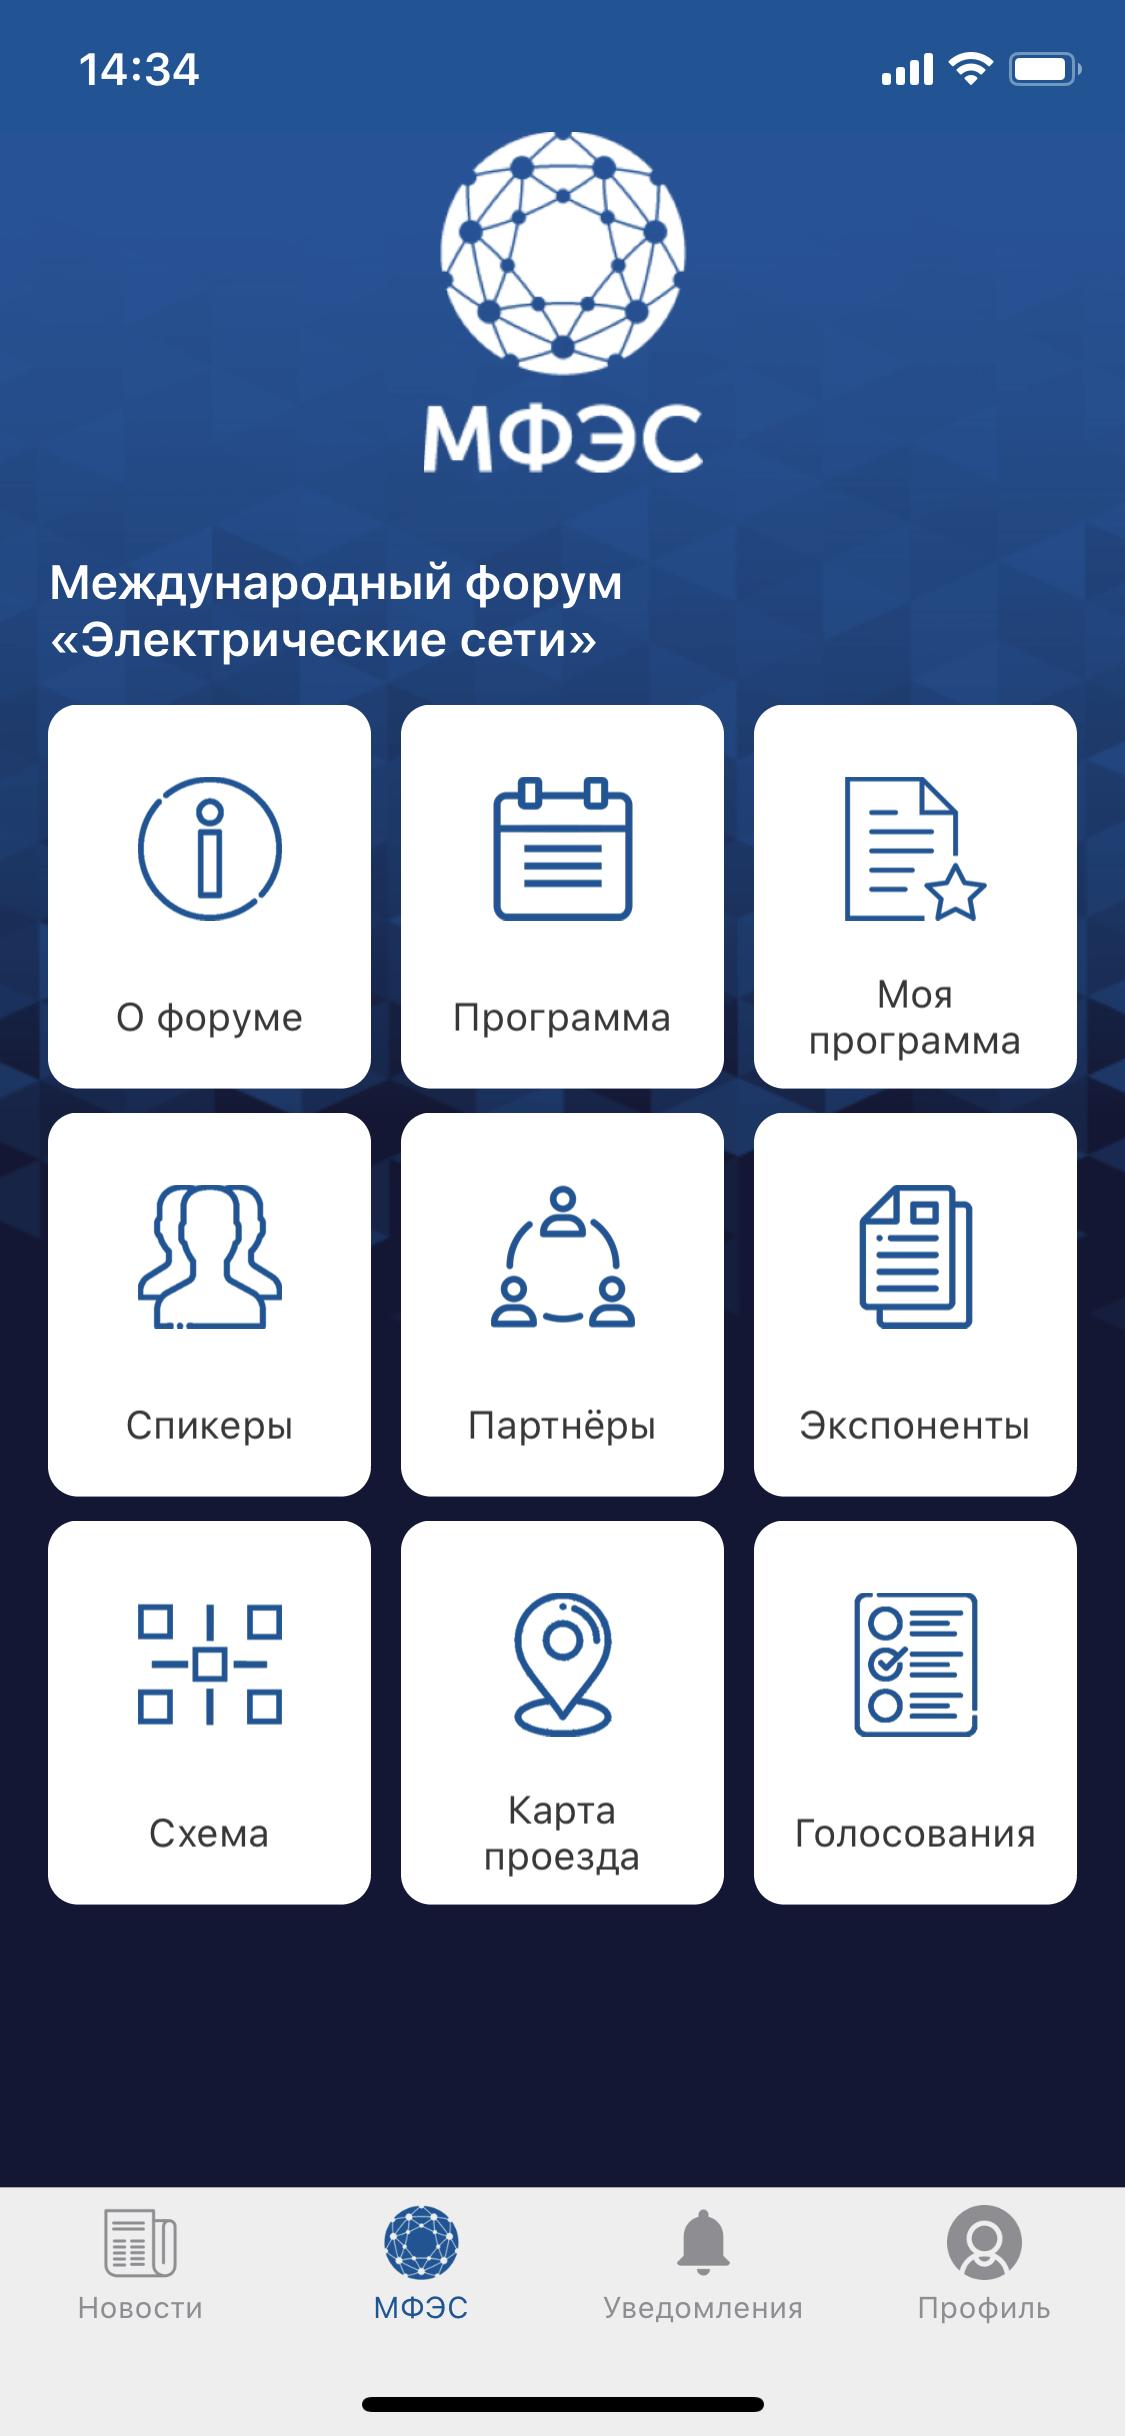 Международный форум «Электрические сети» запускает мобильное приложение